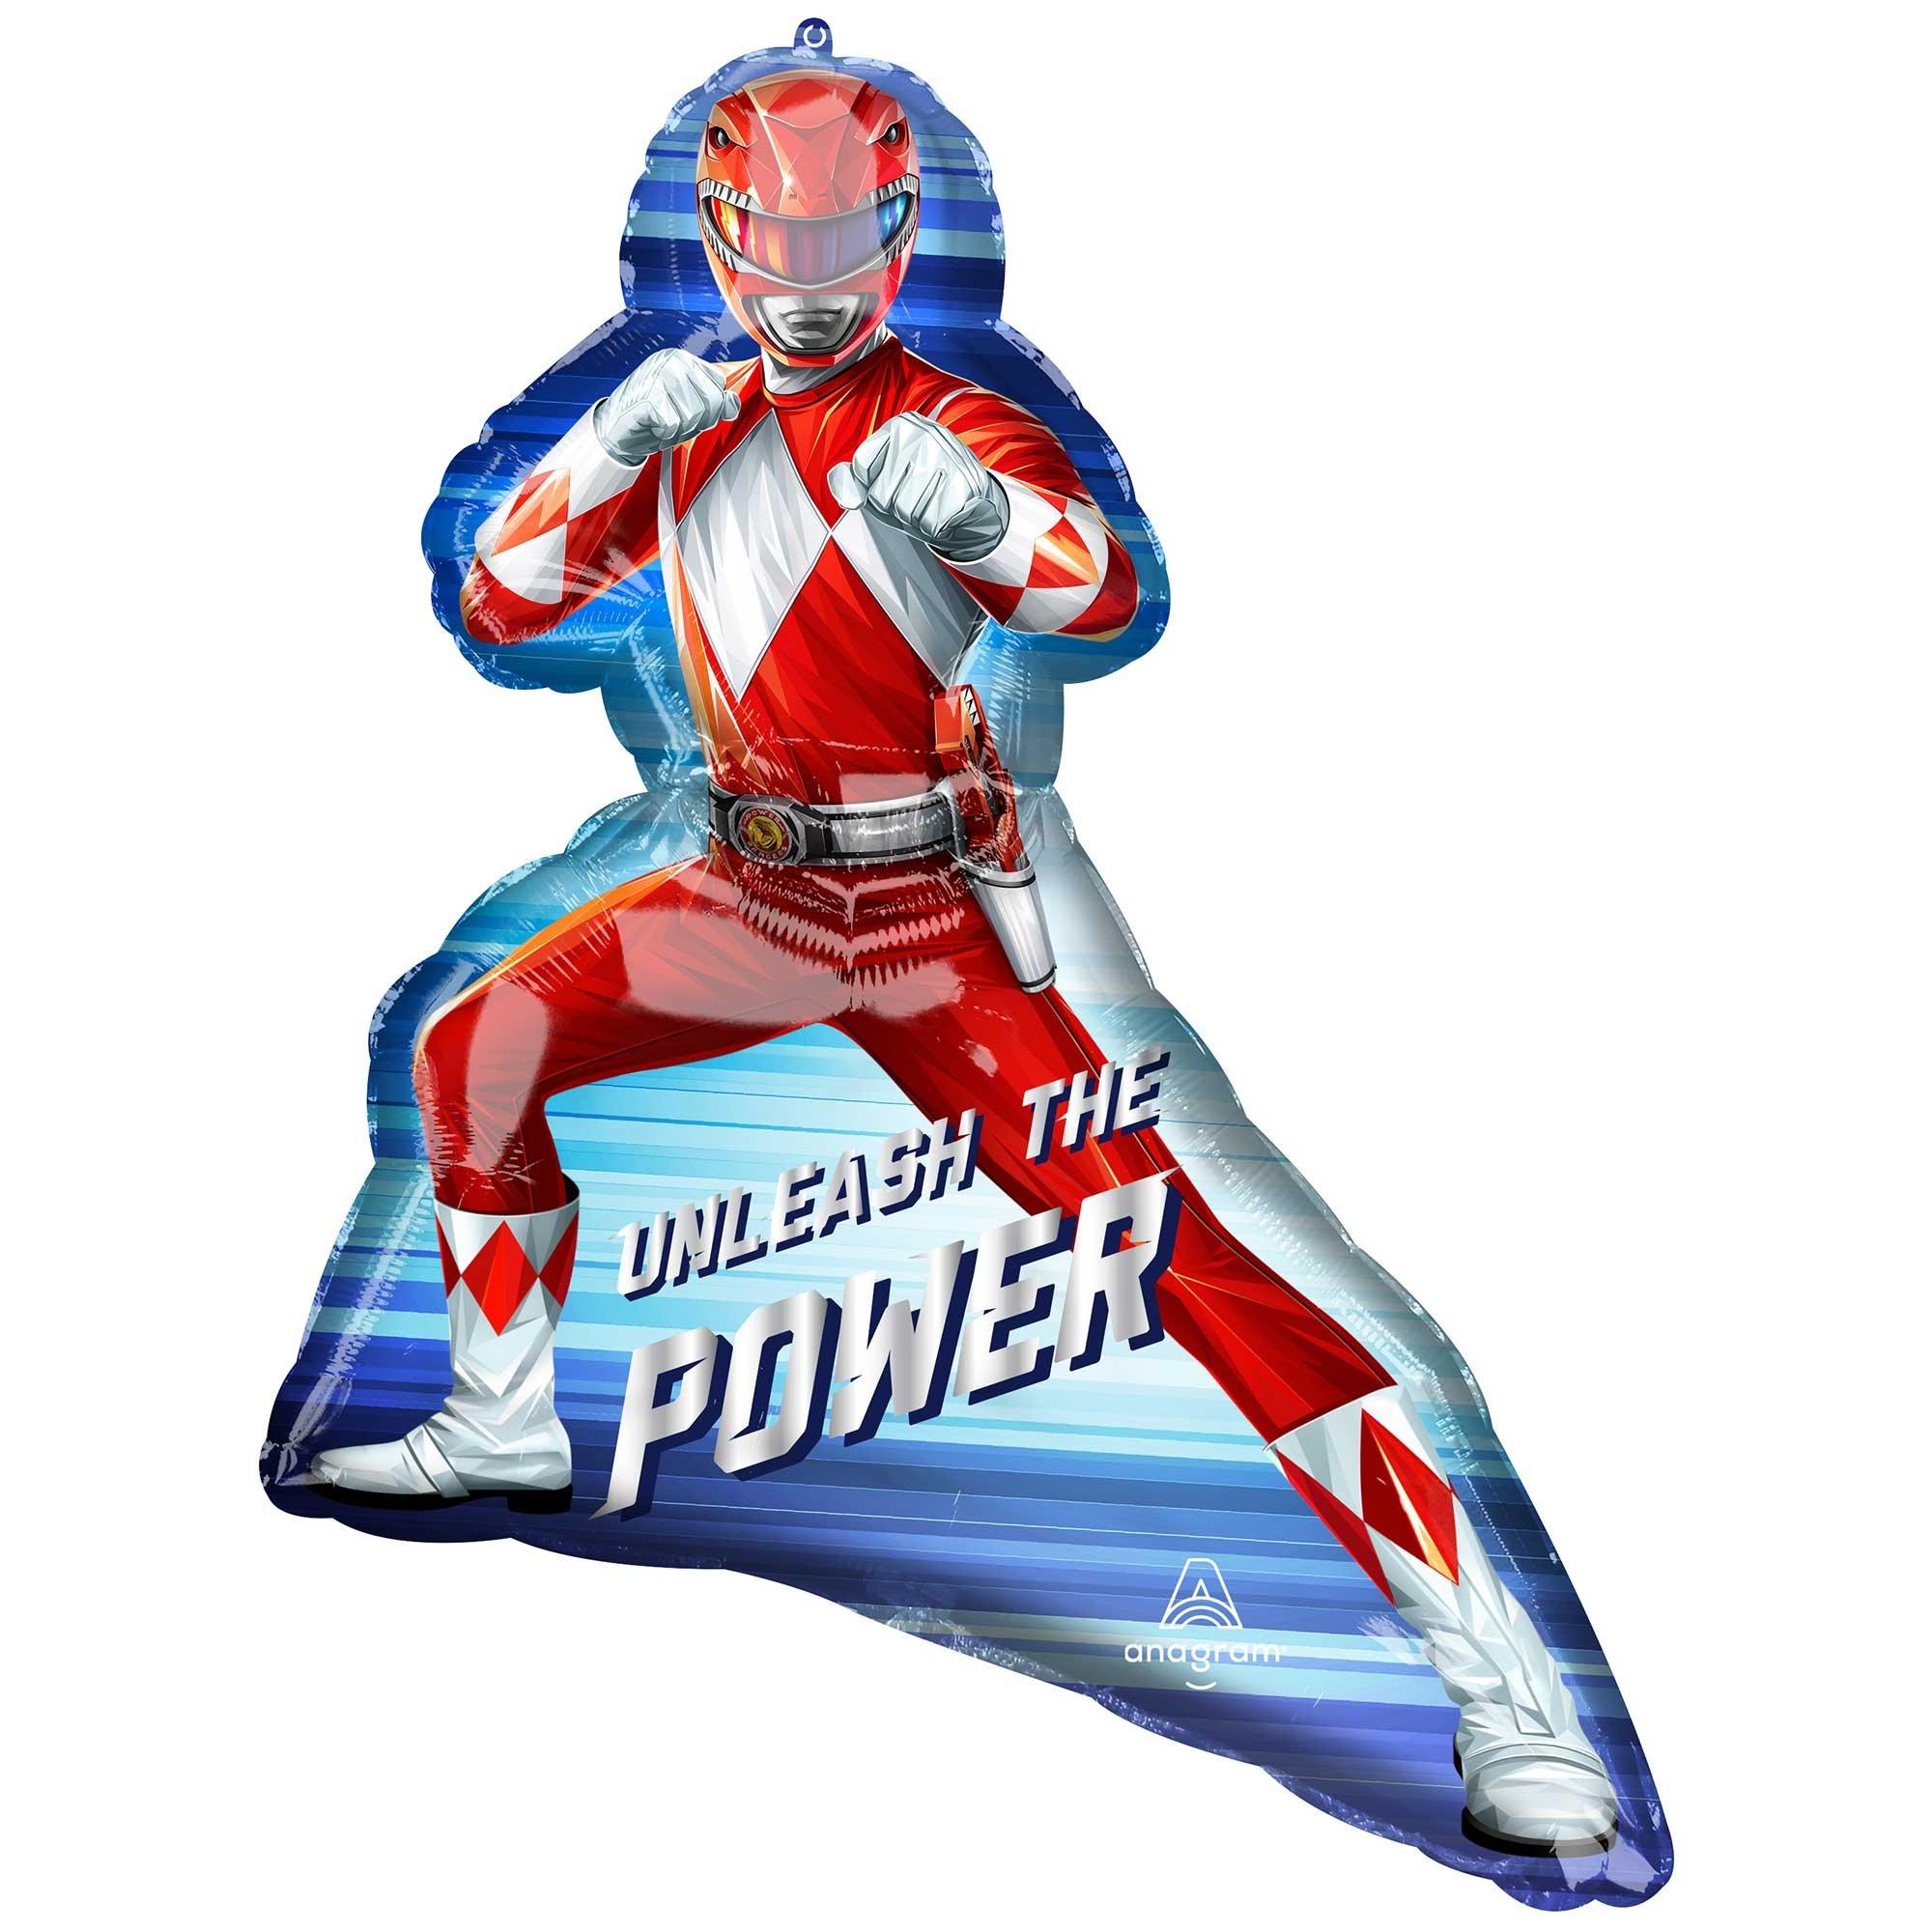 SuperShape Power Rangers Red Ranger P38